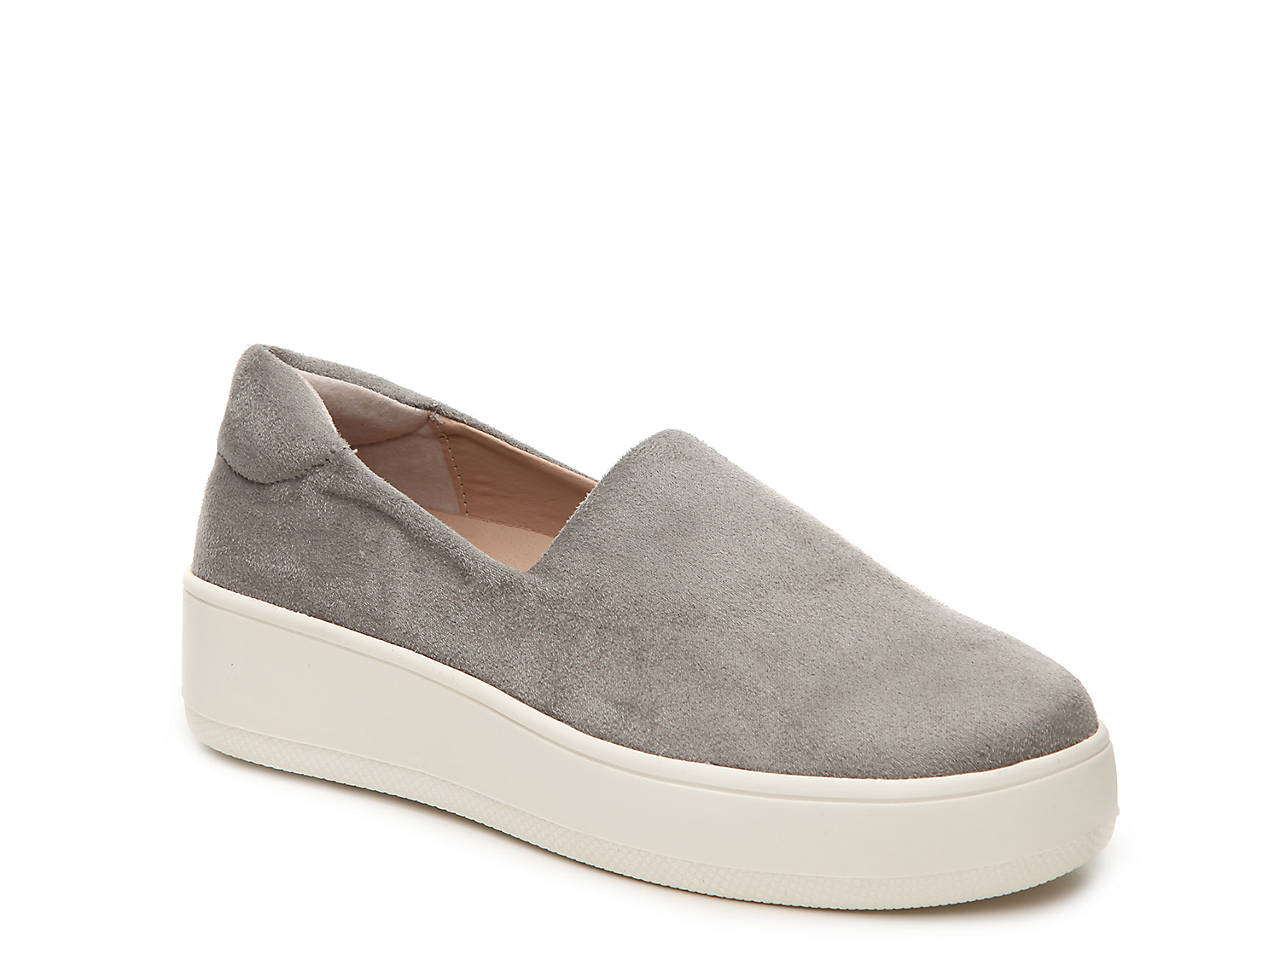 04325d07f28 Steven by Steve Madden Hilda Platform Slip-On Sneaker Women s Shoes ...